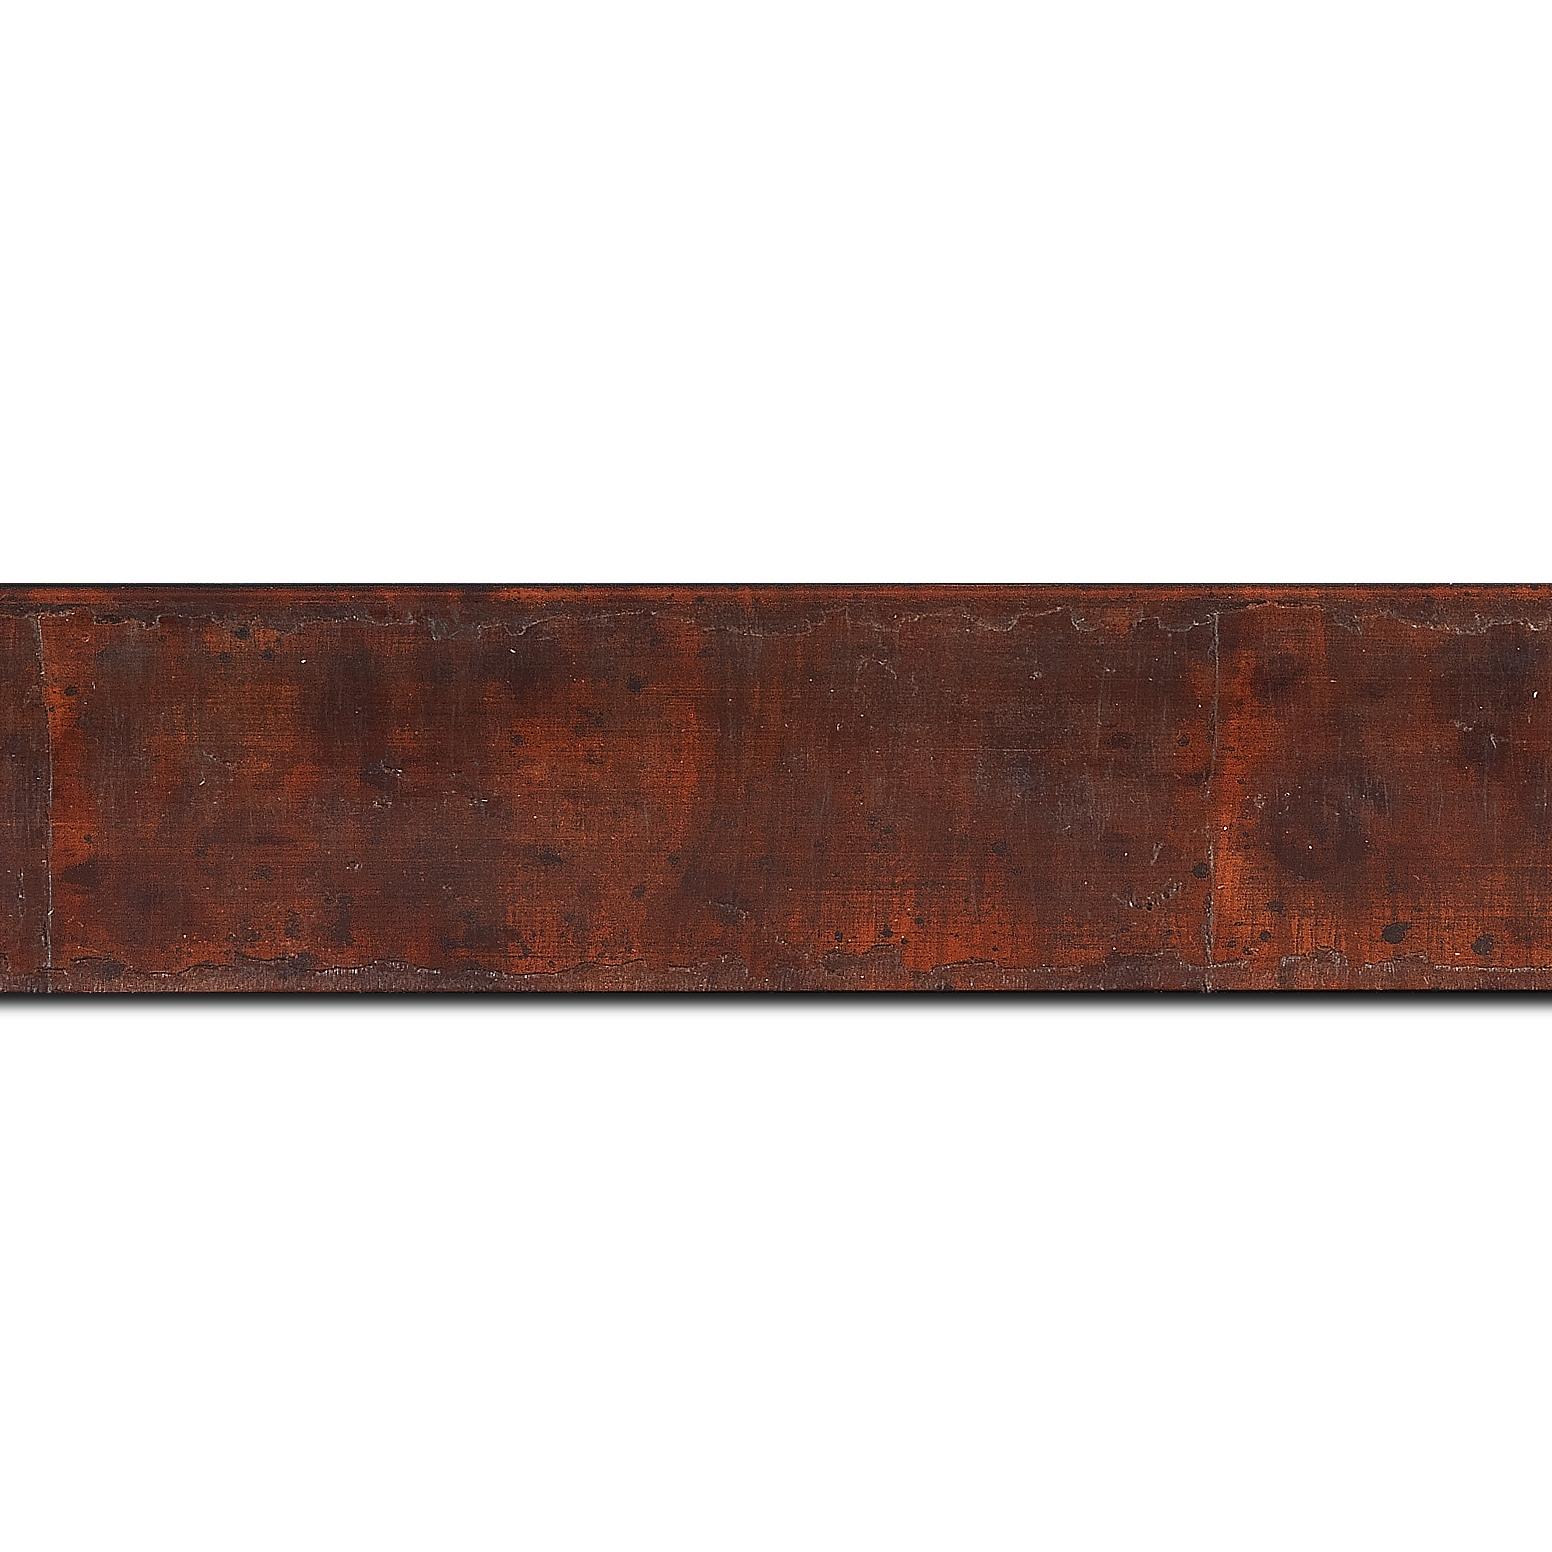 Pack par 12m, bois profil incurvé largeur 4.1cm couleur marron foncé effet plaquage (longueur baguette pouvant varier entre 2.40m et 3m selon arrivage des bois)